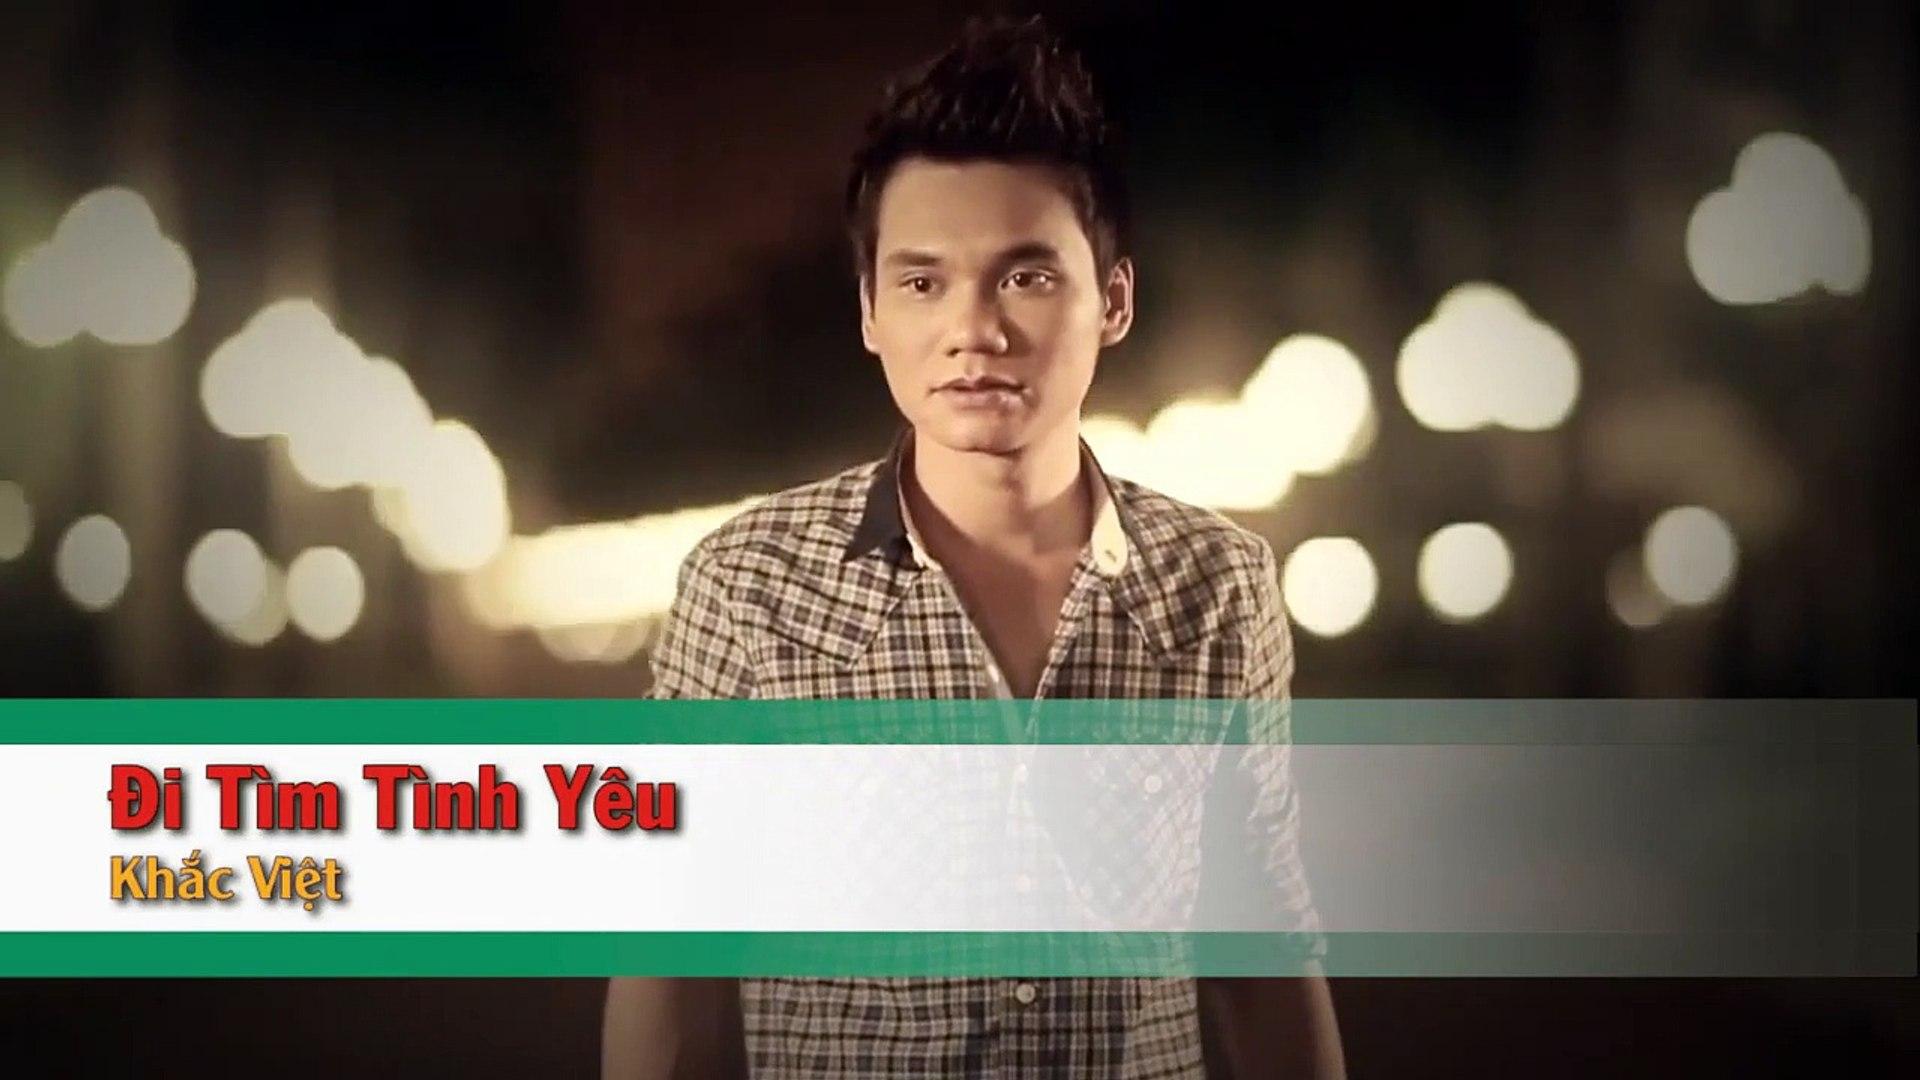 [Karaoke] Đi Tìm Tình Yêu - Khắc Việt [Beat]